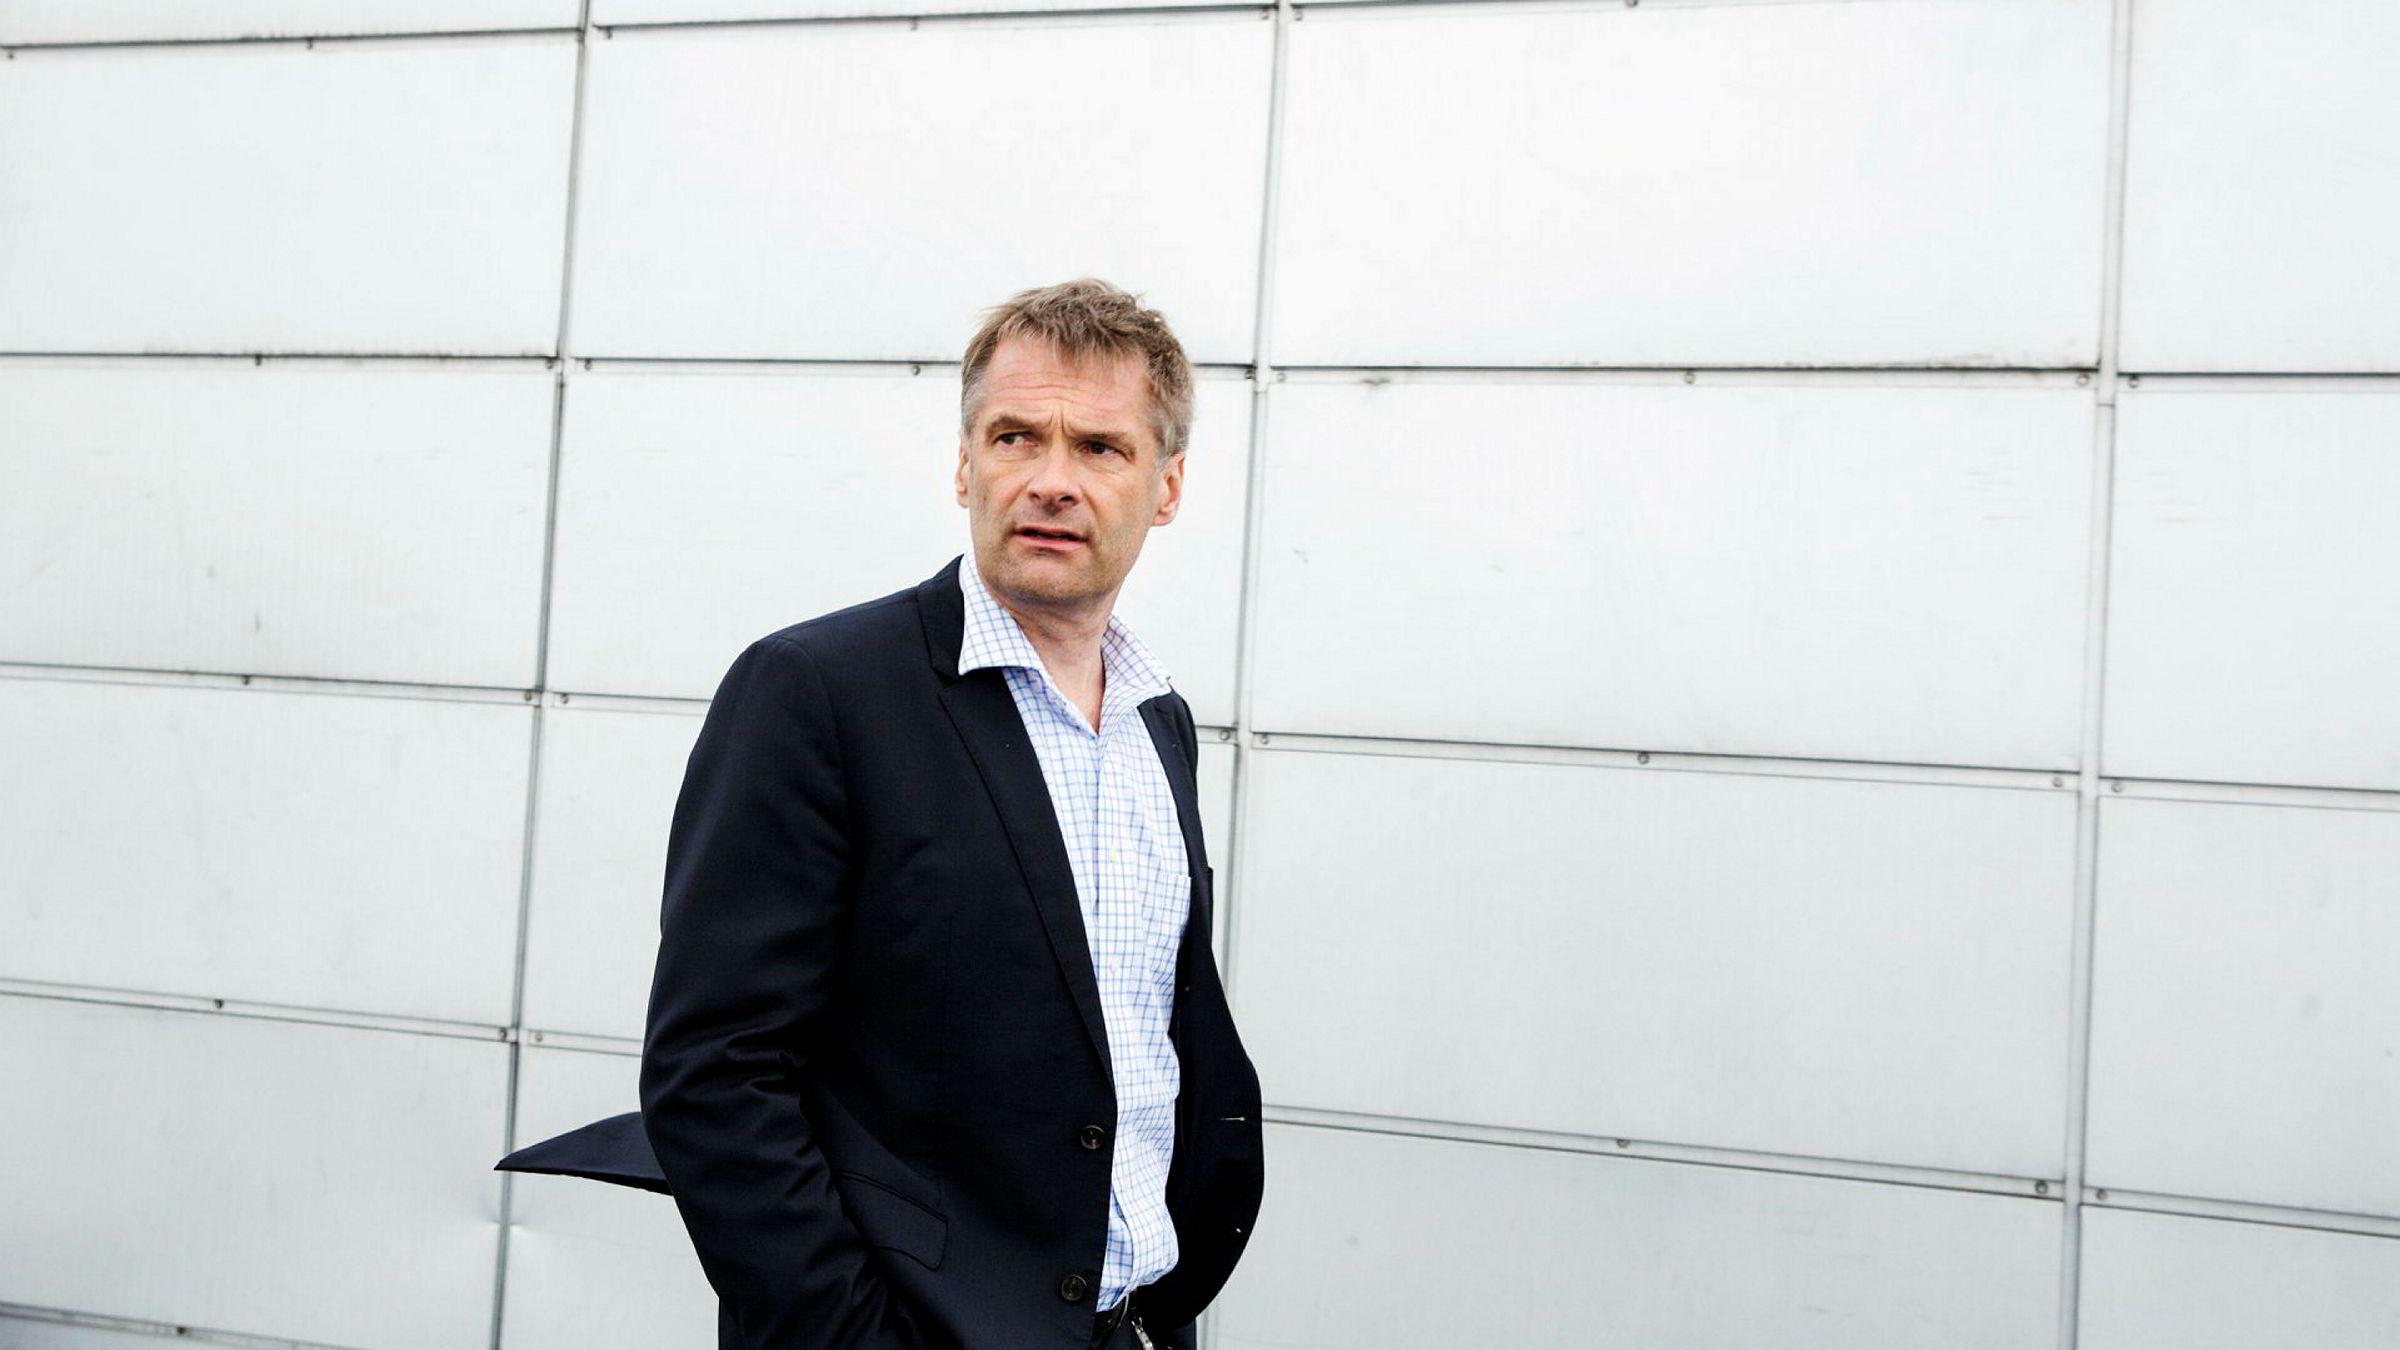 – Vi er dialoger med mange fiberaktører, og skal bidra til at den norske mobilnettinfrastrukturen blir mindre sårbar, sier administrerende direktør Abraham Foss i Telia Norge.